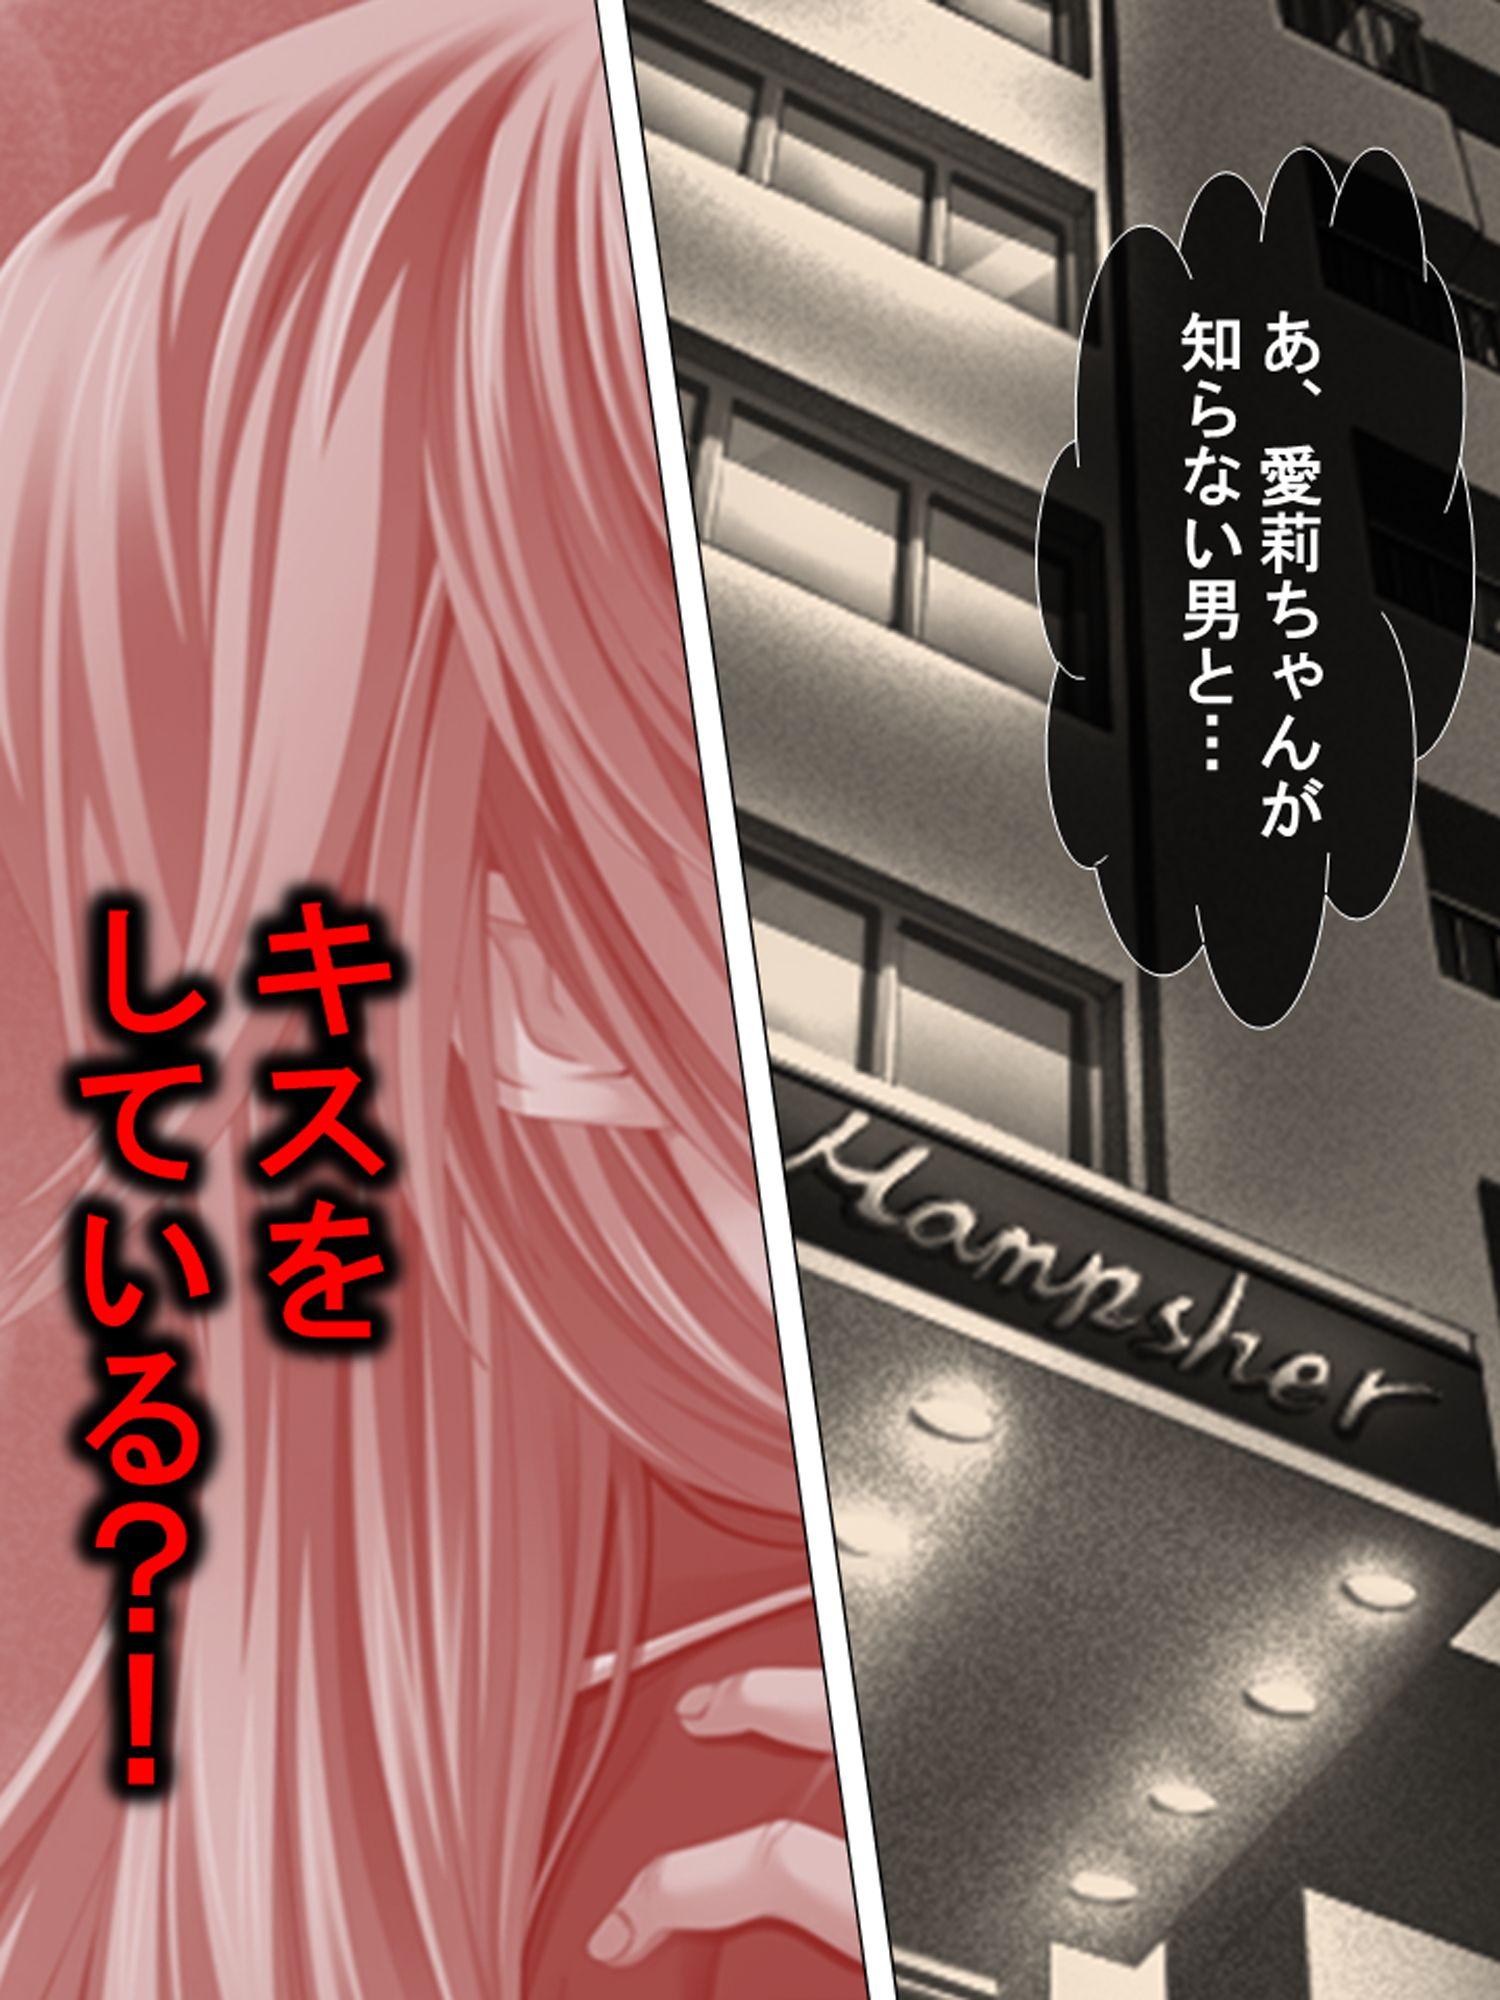 【悶々堂 同人】可愛いJKと二人きりのエレベーターは甘い蜜の香り2巻